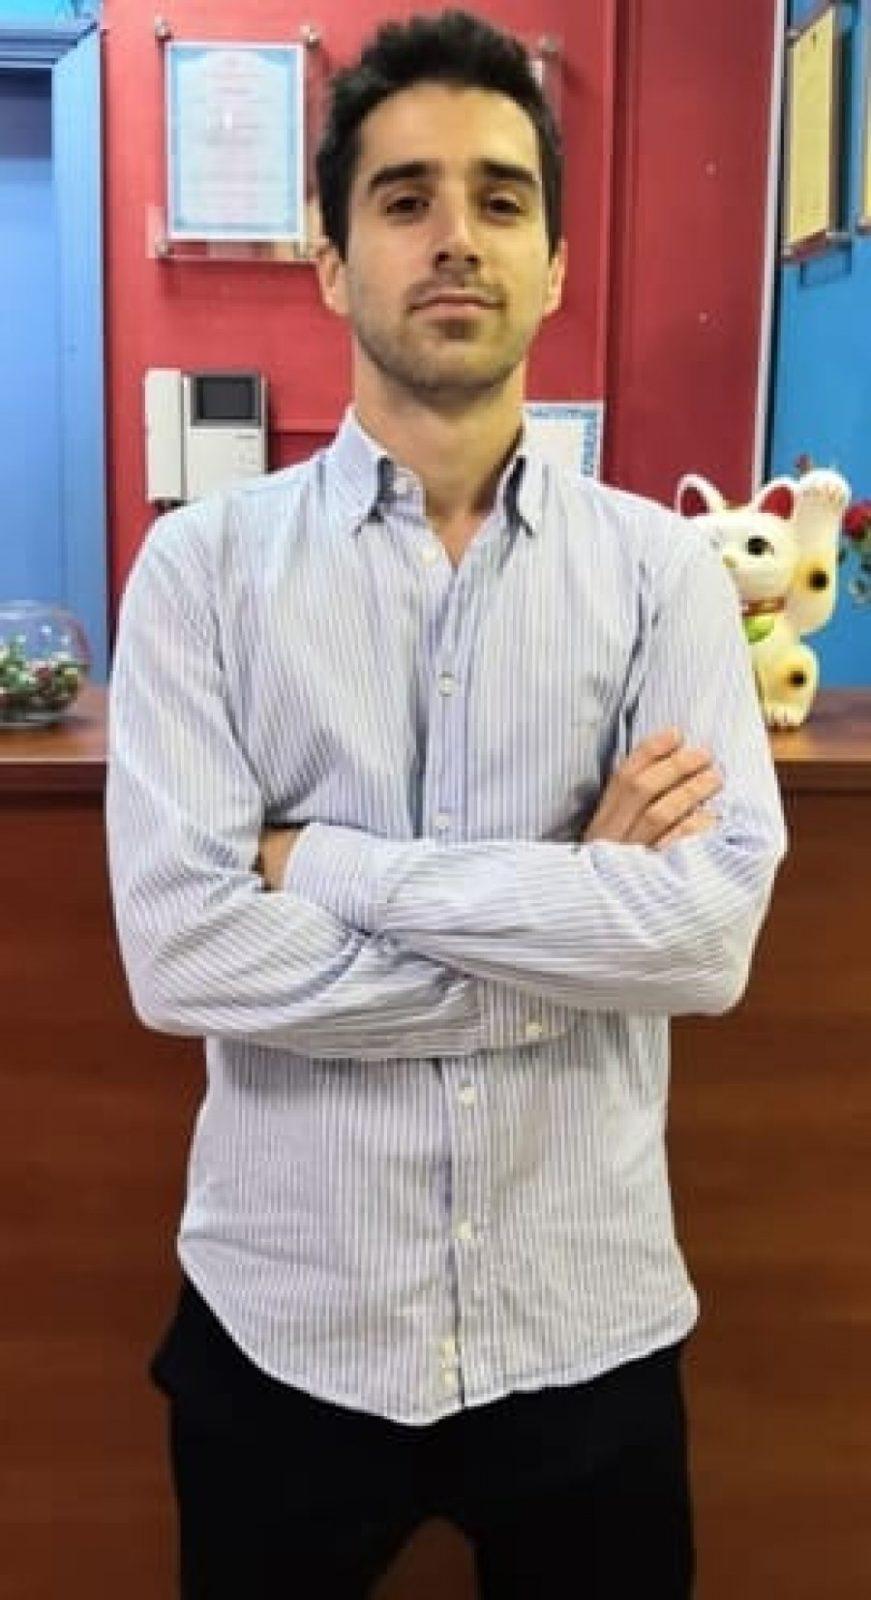 преподаватель итальянского языка - Маттео